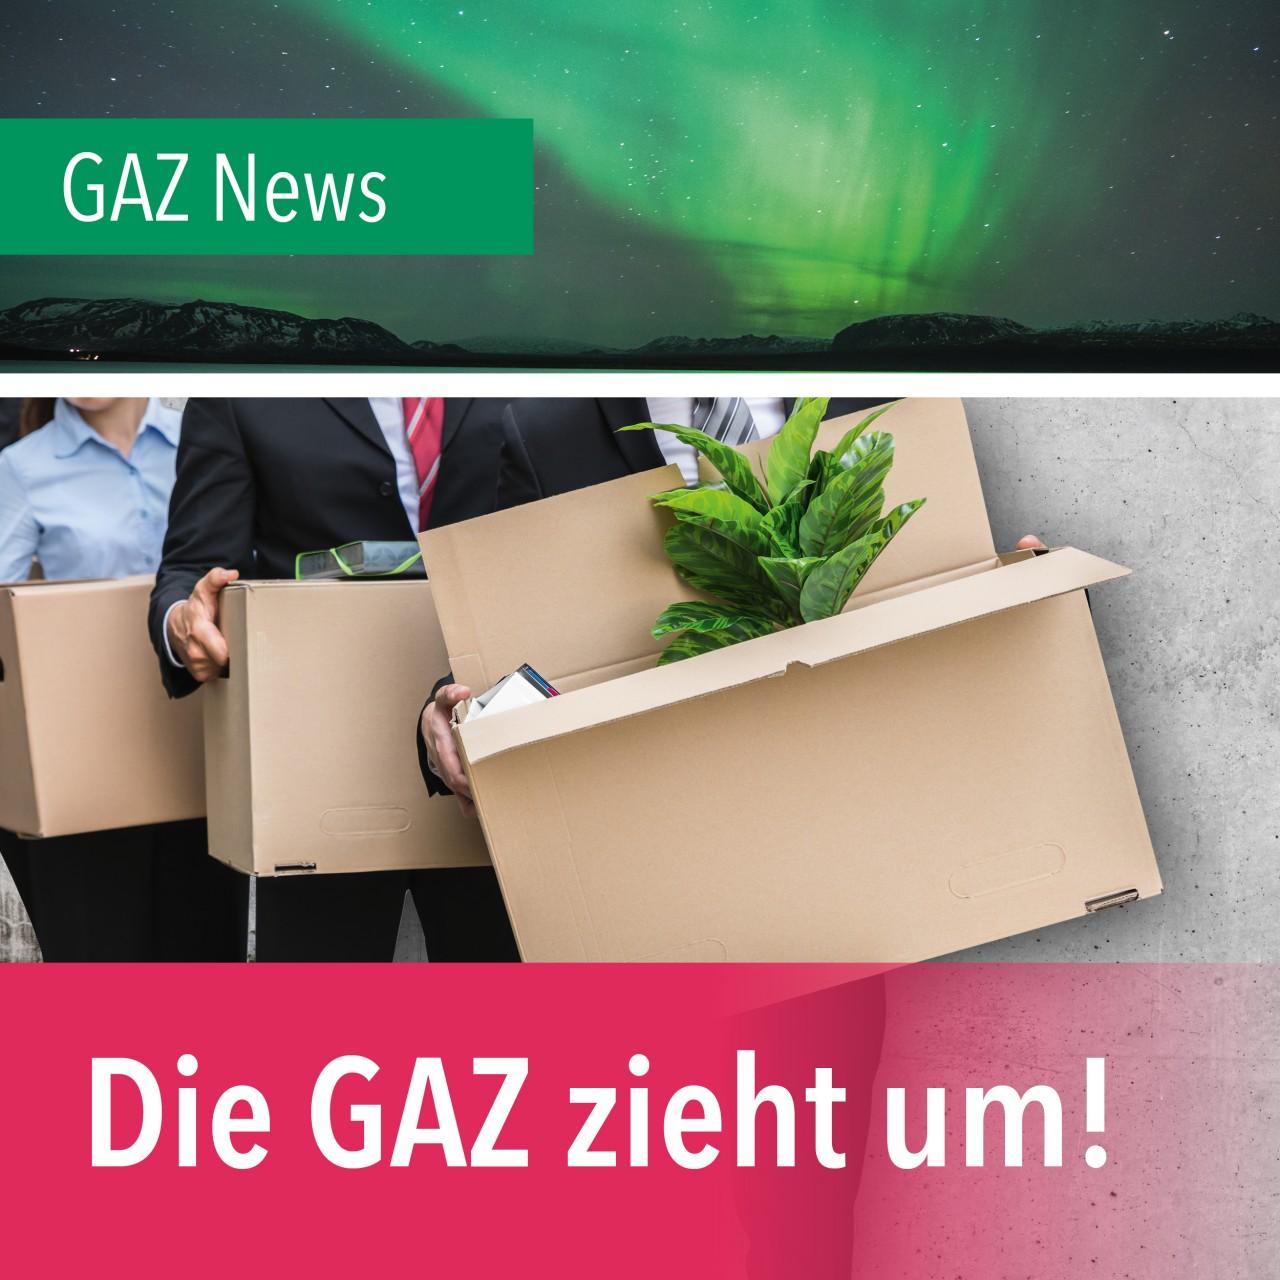 GAZ_umzug_600x600px